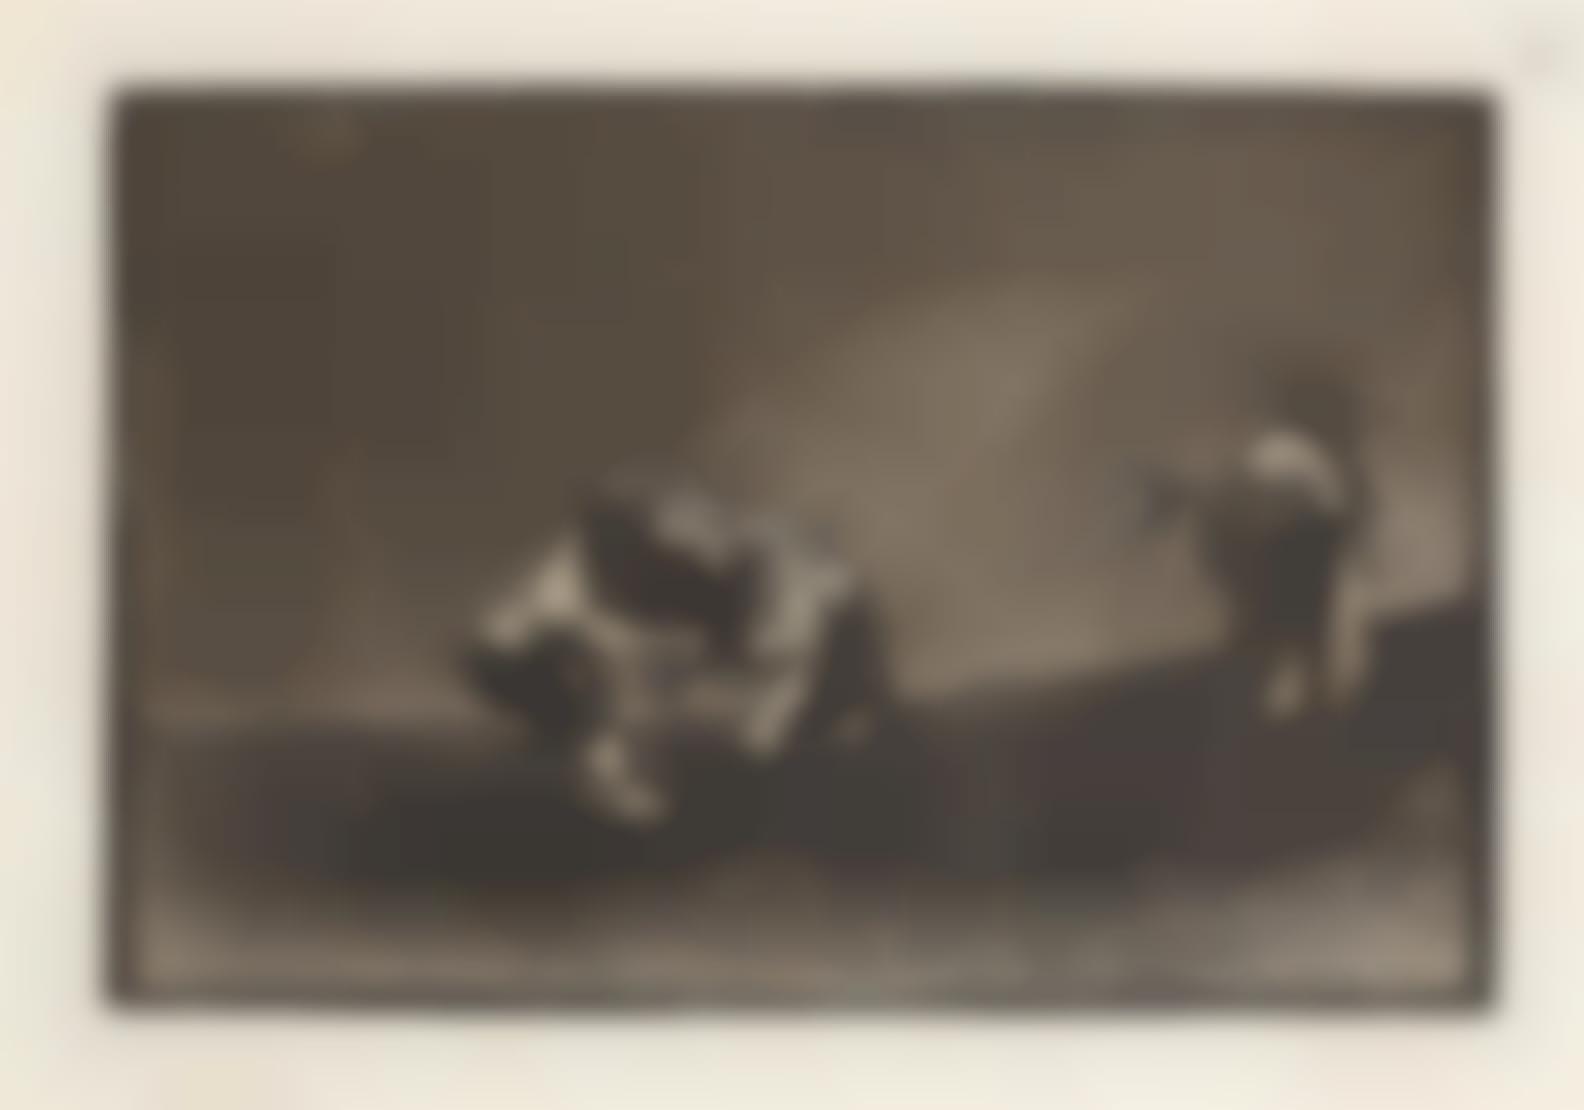 Francisco de Goya-El Mismo Vuelca Un Toro En La Plaza De Madrid, From Tauromaquia (Harris 219)-1816